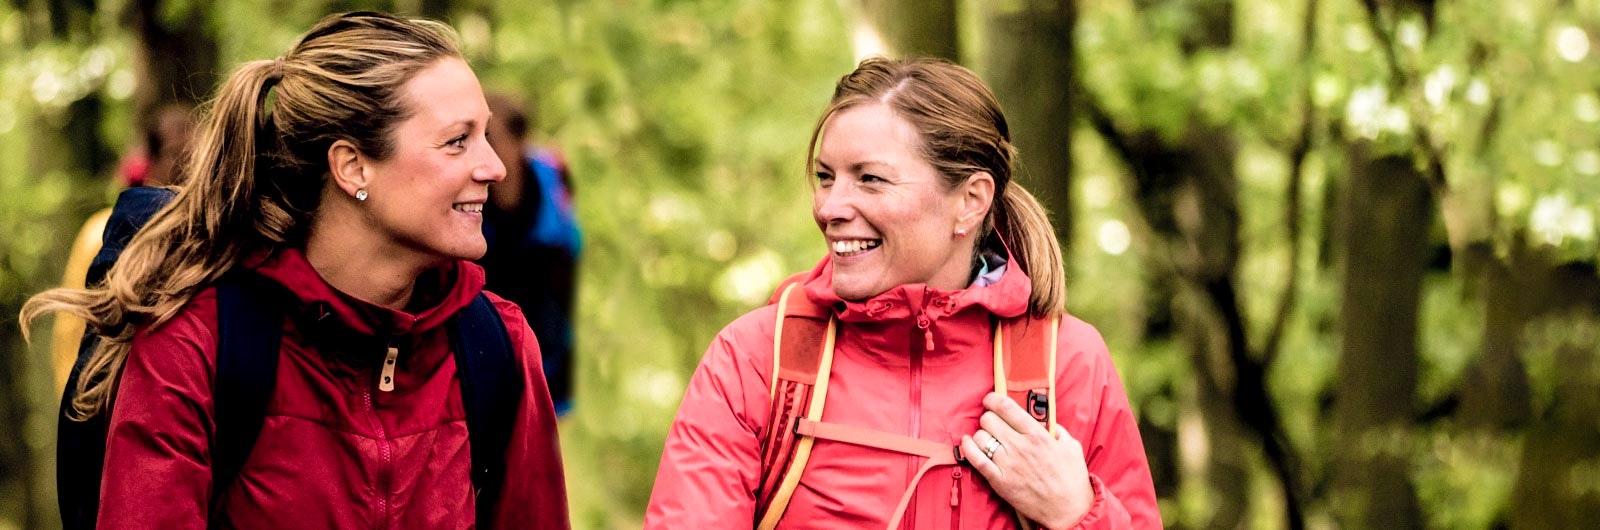 Två kvinnor vandrar i lågland